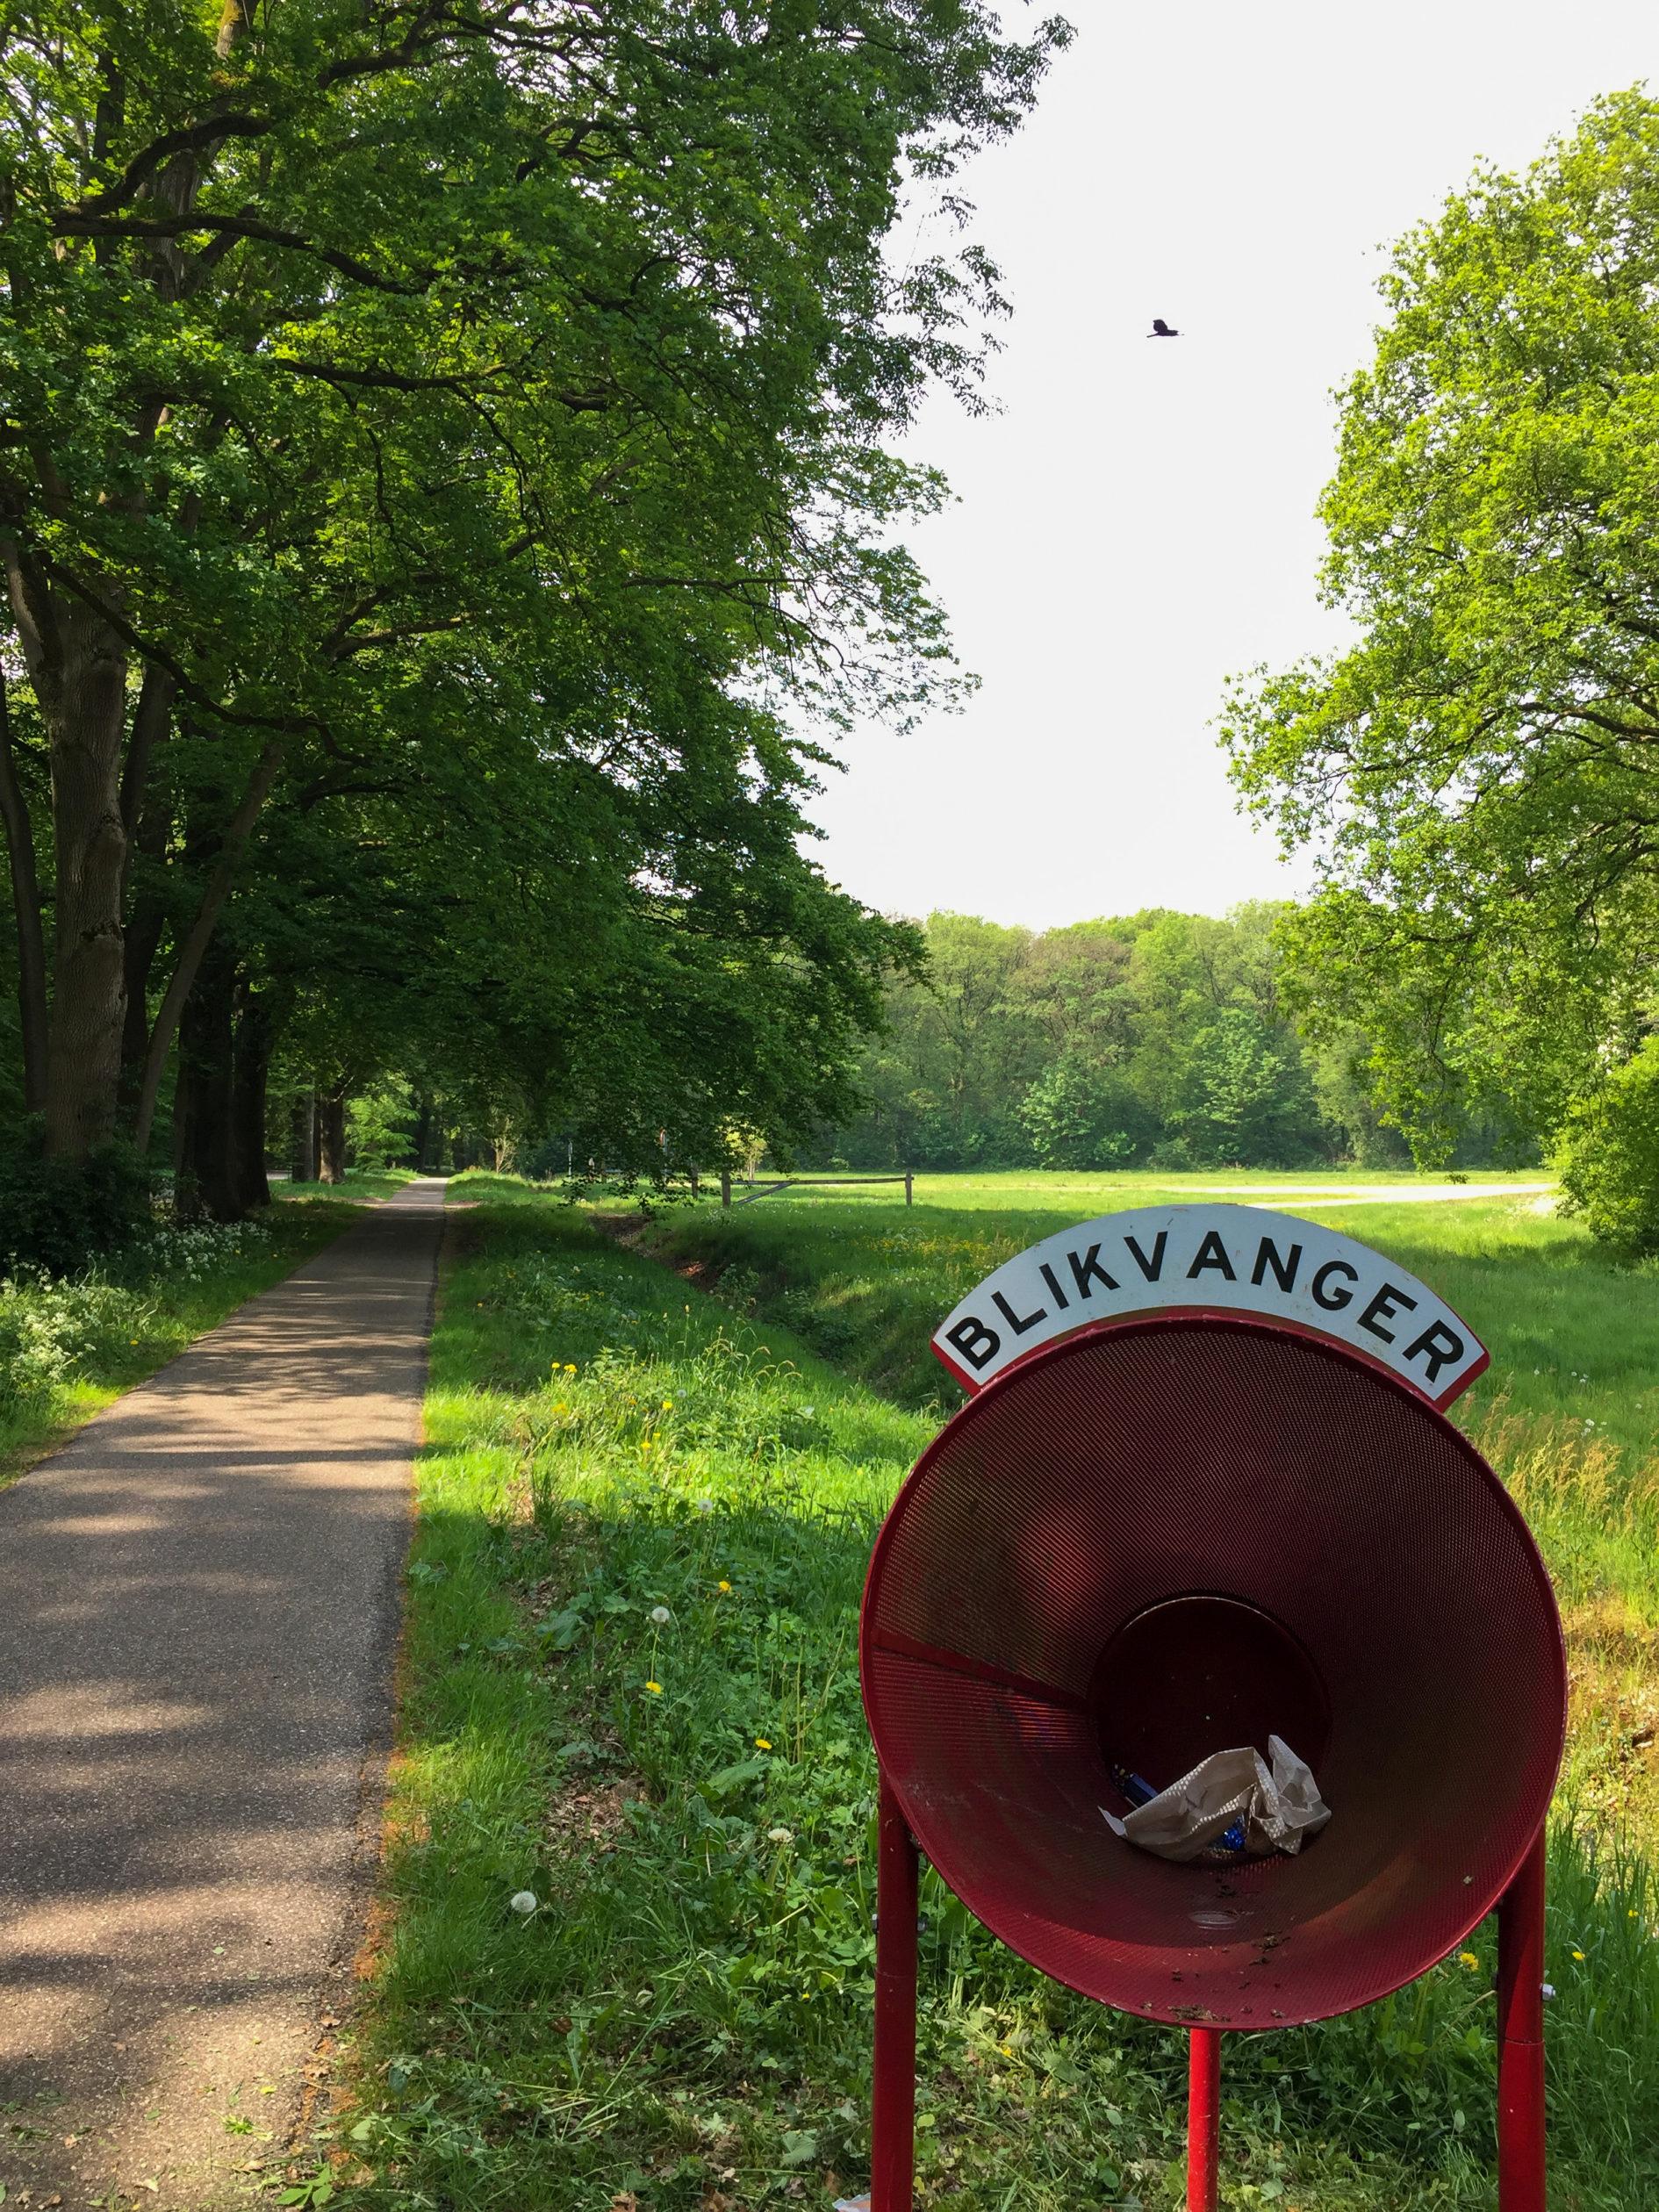 Ein Büchsenfänger als Alternative zum Mülleimer bei der Radtour durch das andere Holland